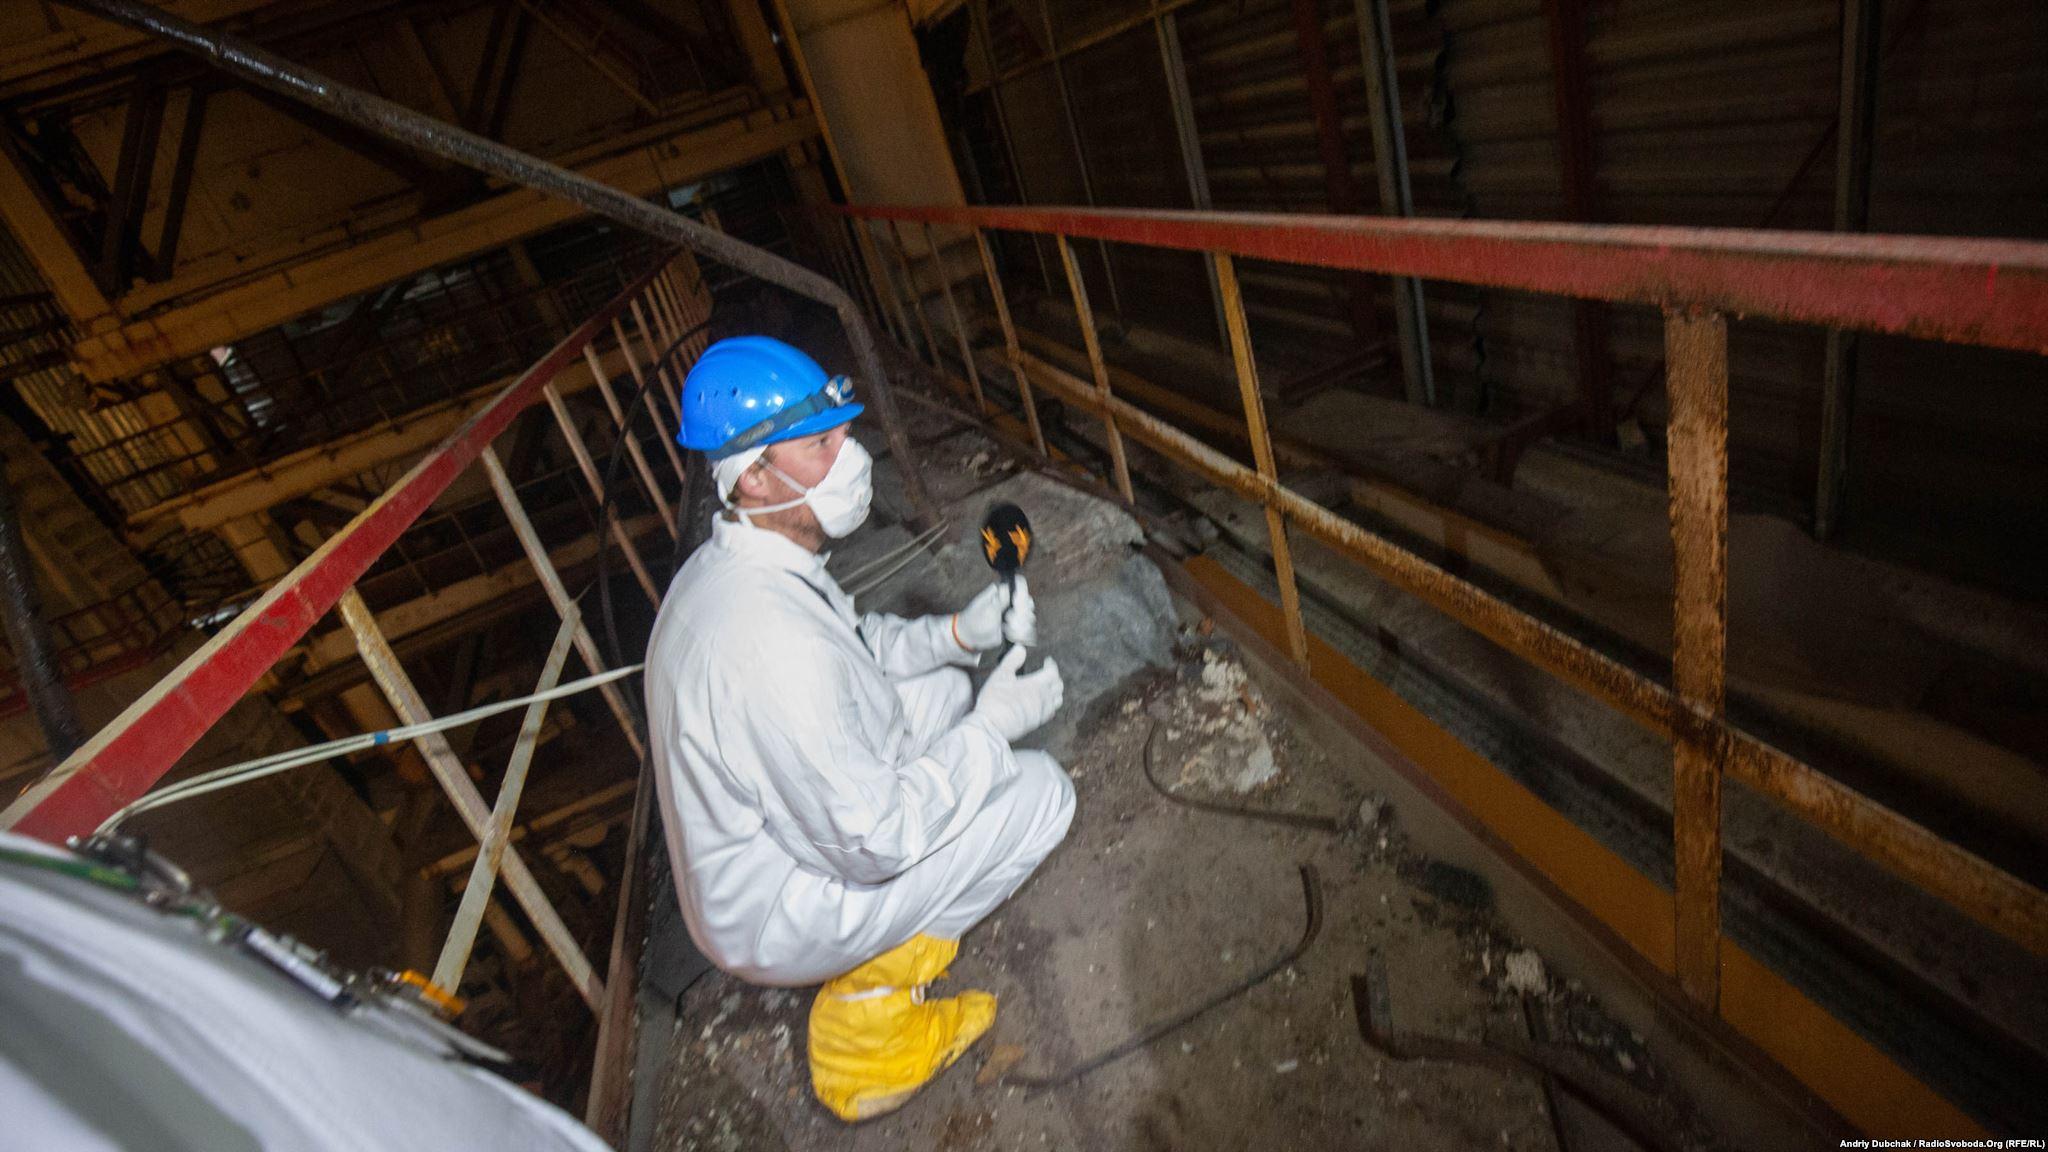 Важкий шматок бетону і сталевої труби прилетів сюди після вибуху реактора. Він настільки радіоактивний, що його завбачливо накрили свинцевими листами, які гасять смертельне випромінювання (Photographer: Andriy Dubchak)